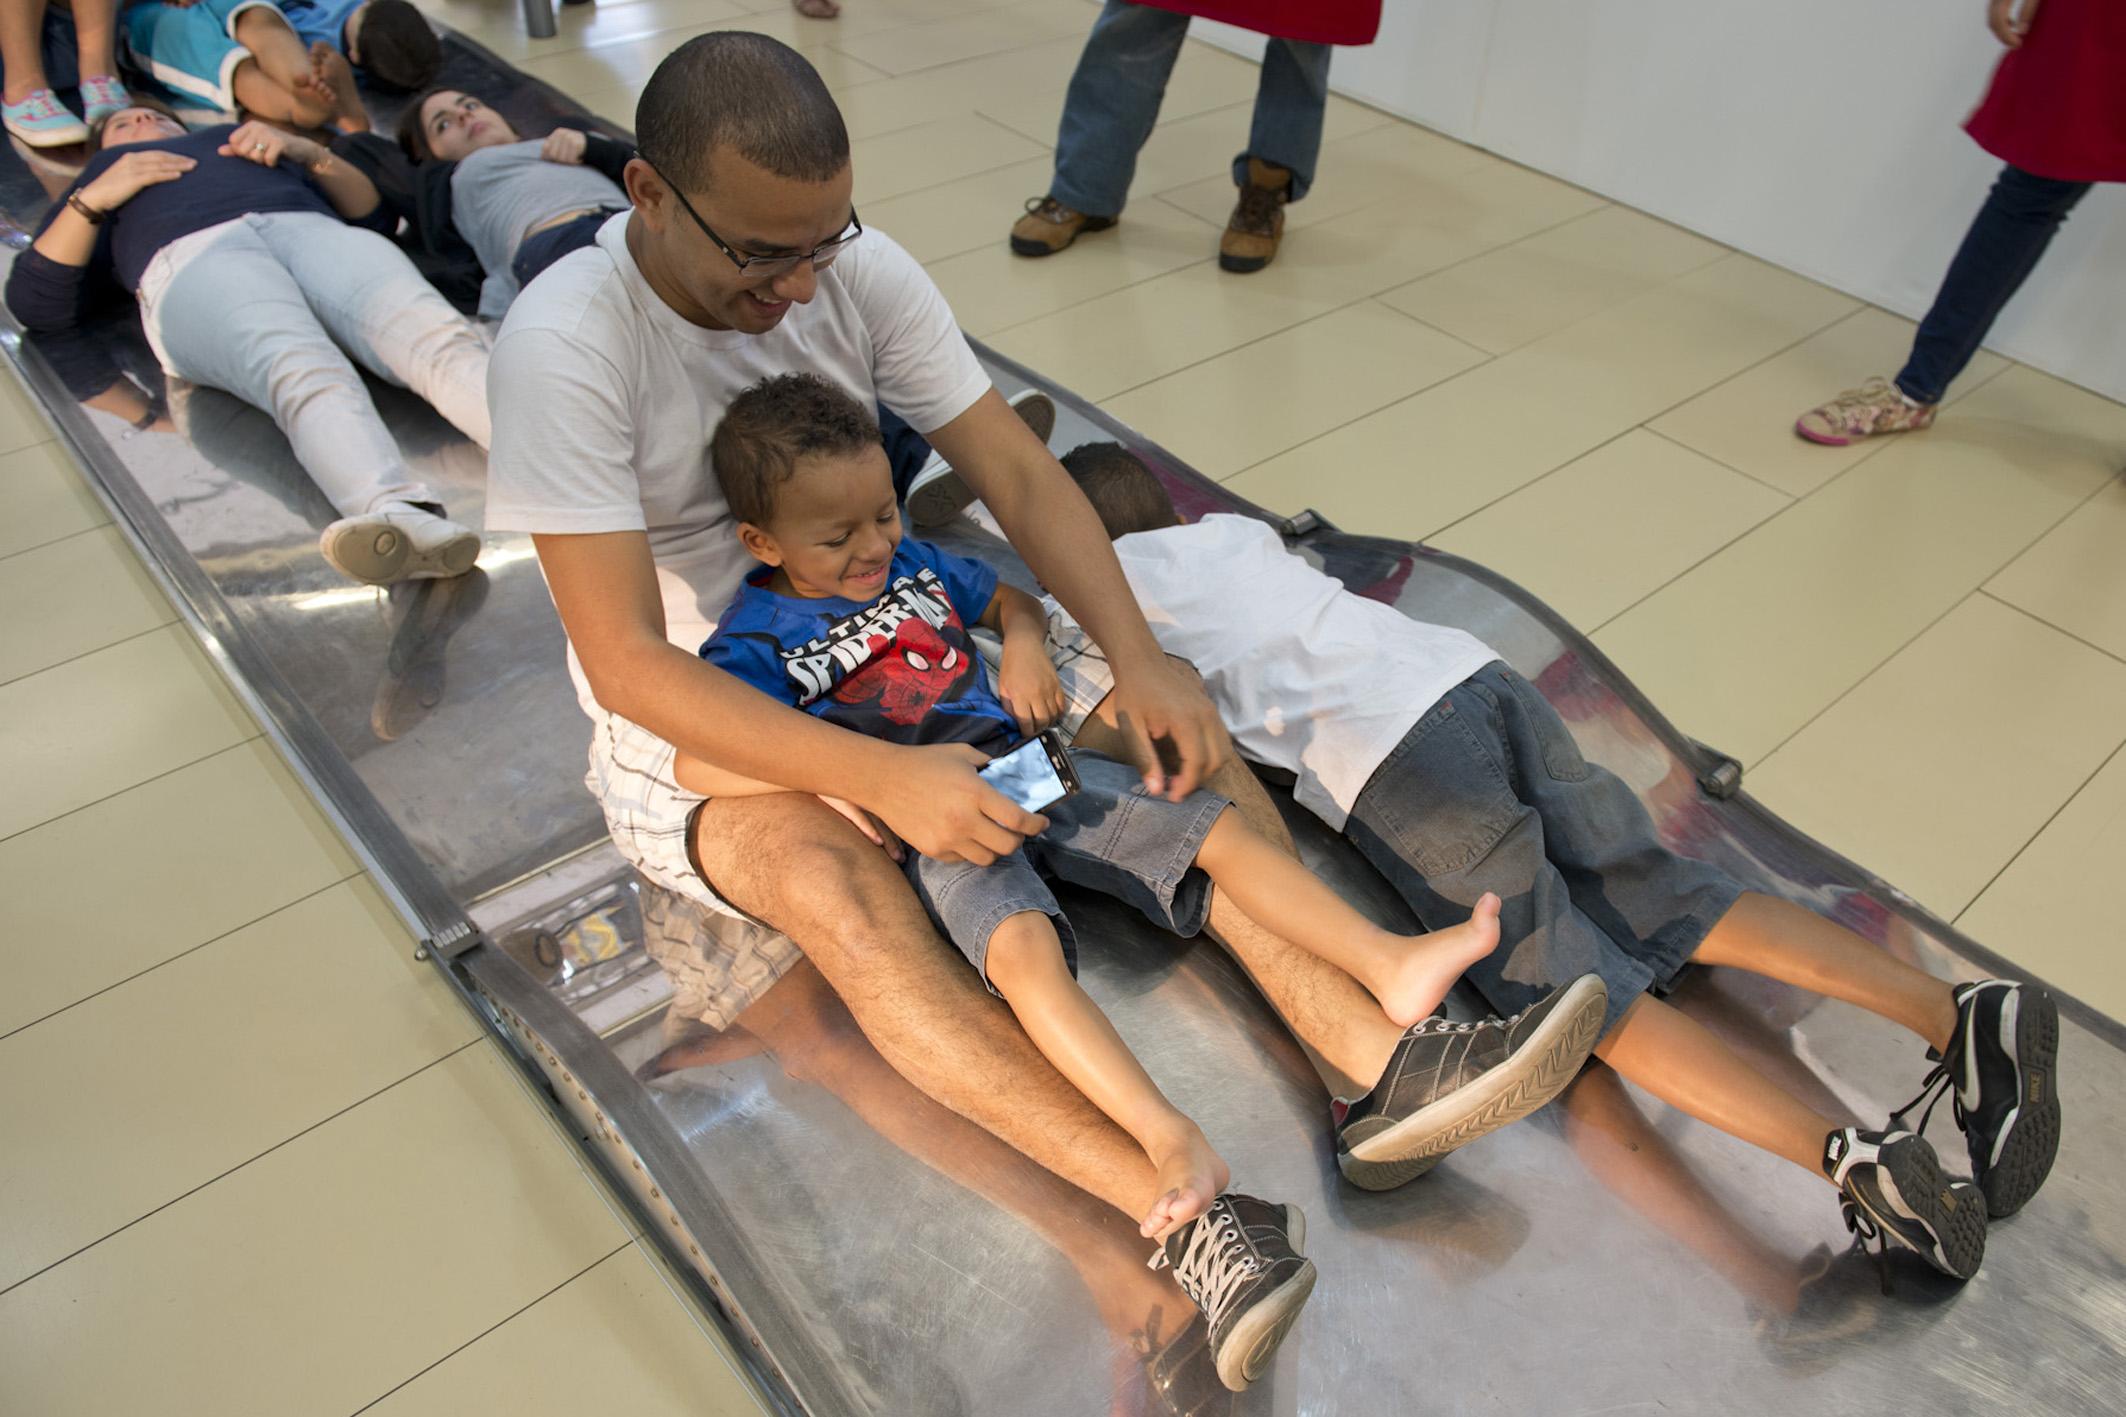 SESC ITAQUERA - O que é, o que é? Artes para criançasSão Paulo | Brasil2013